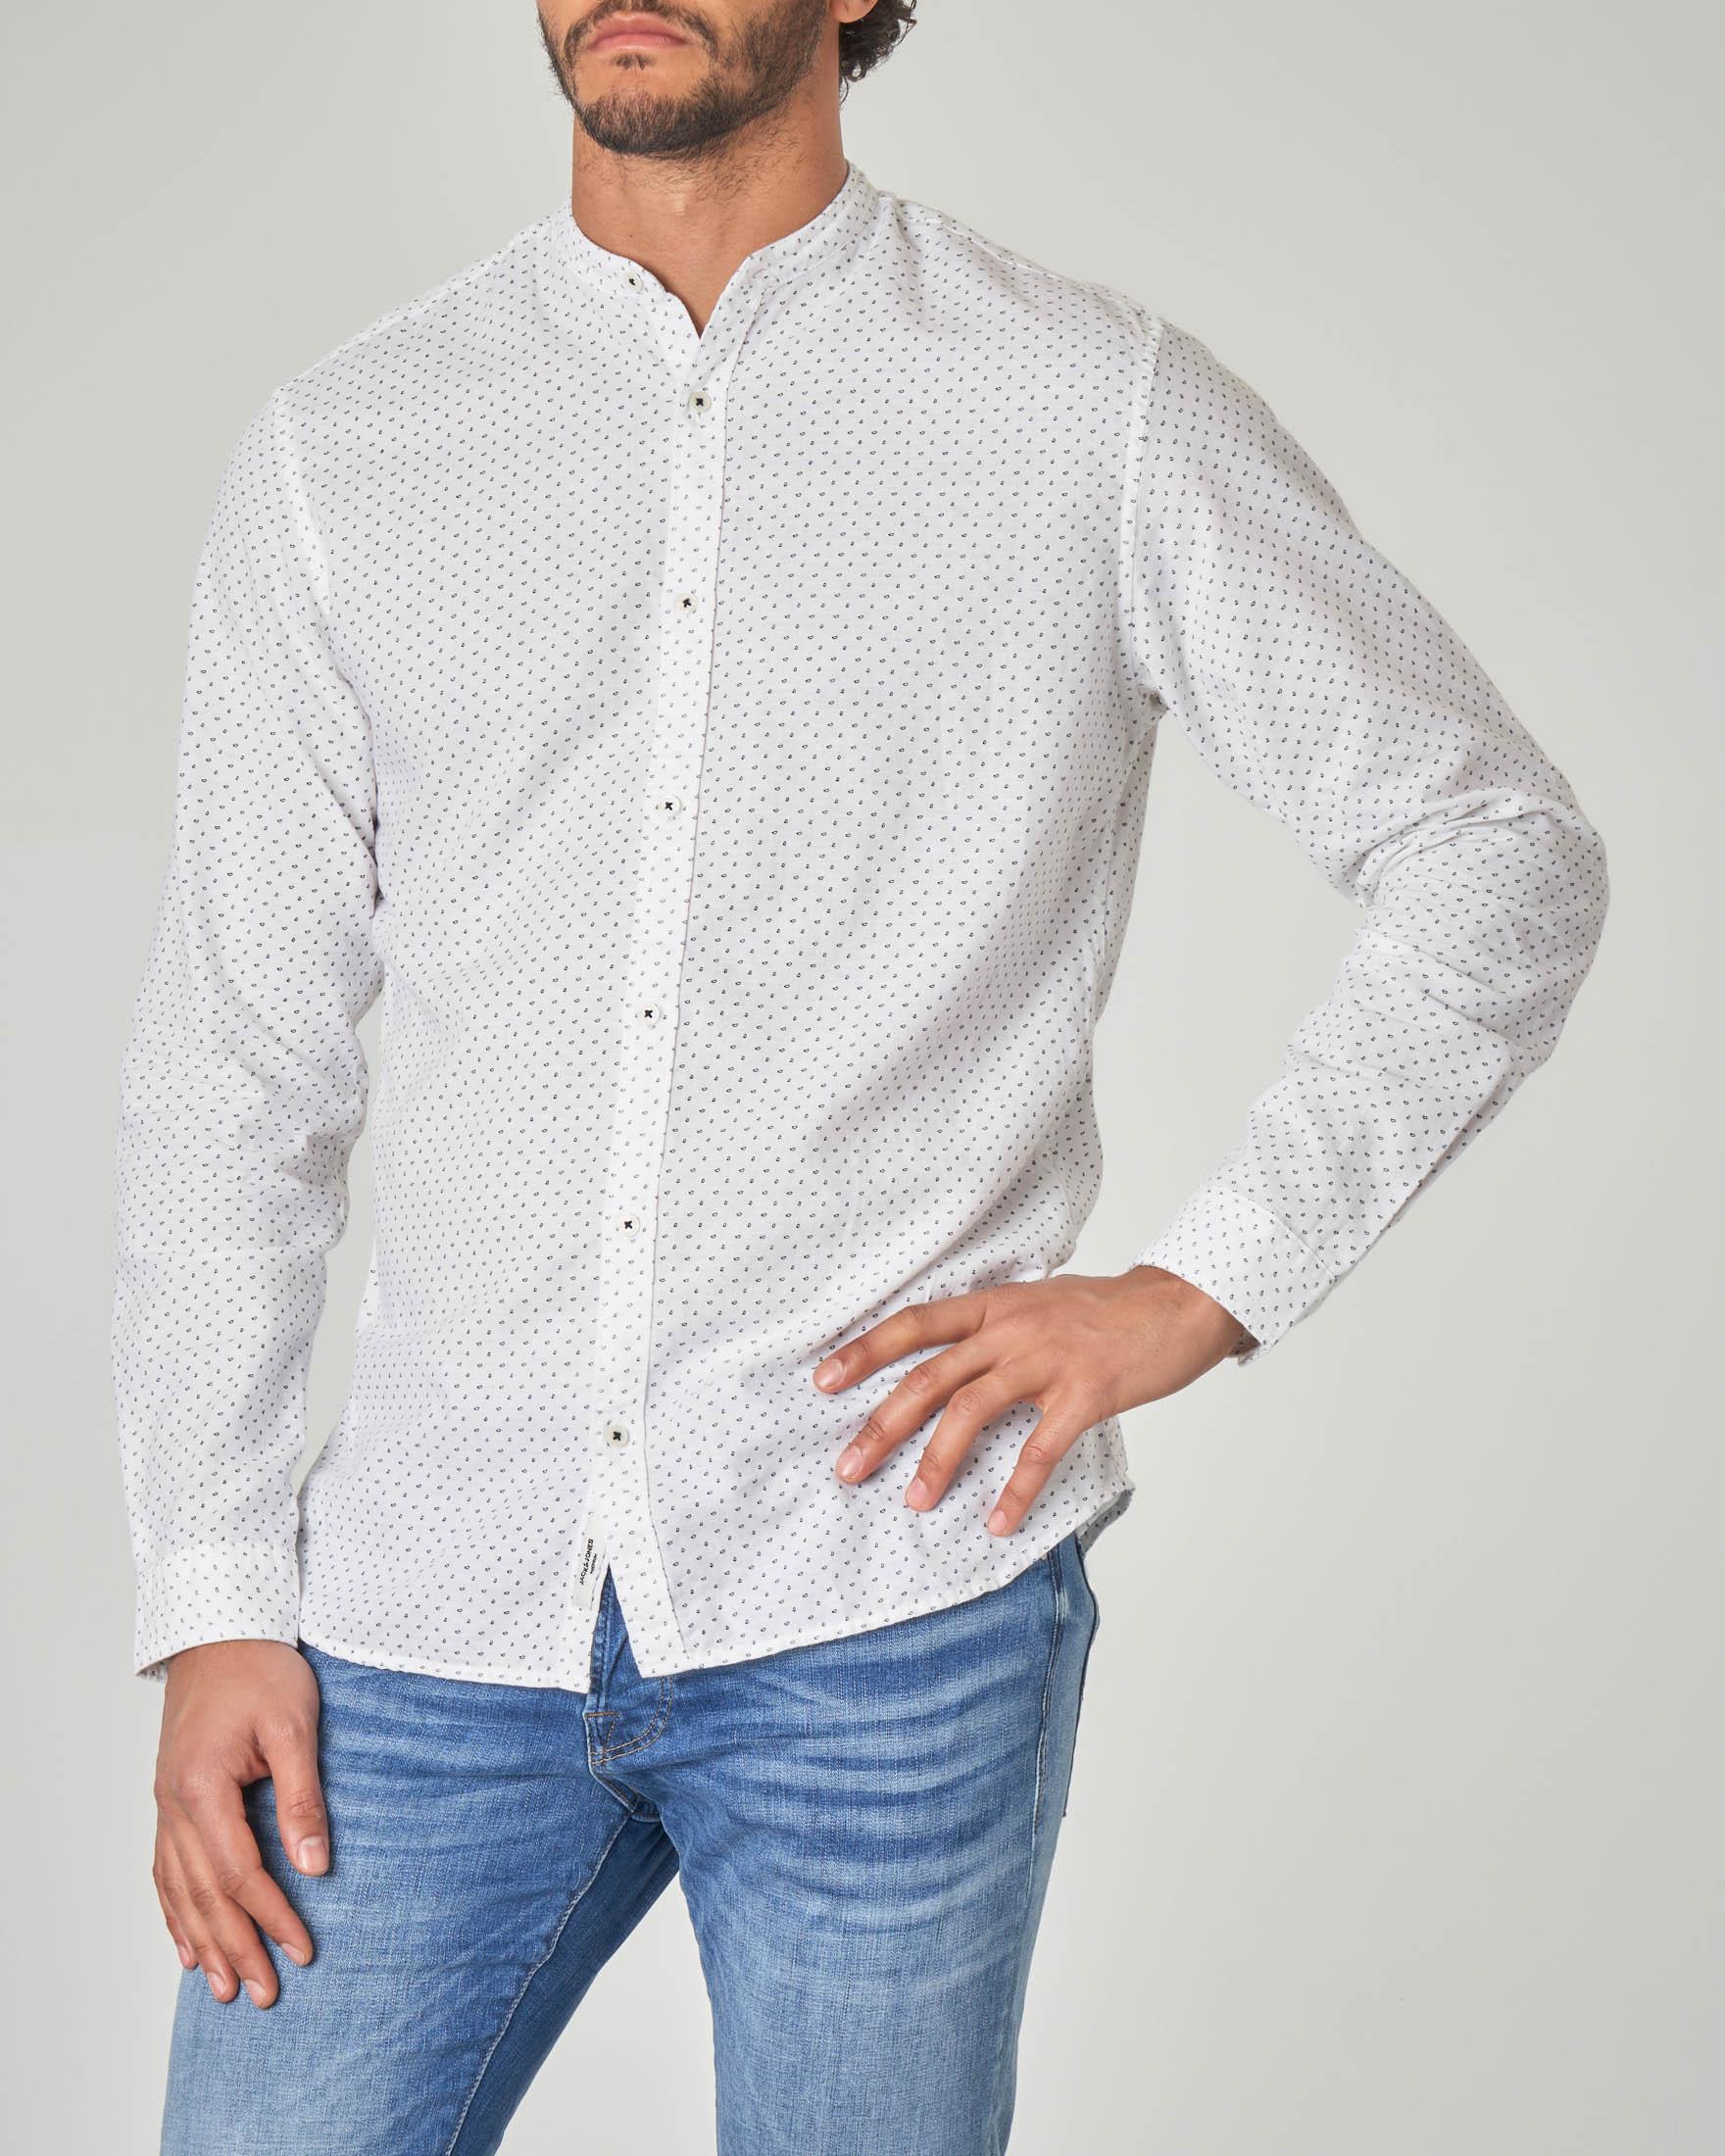 Camicia bianca coreana in fantasia stampata